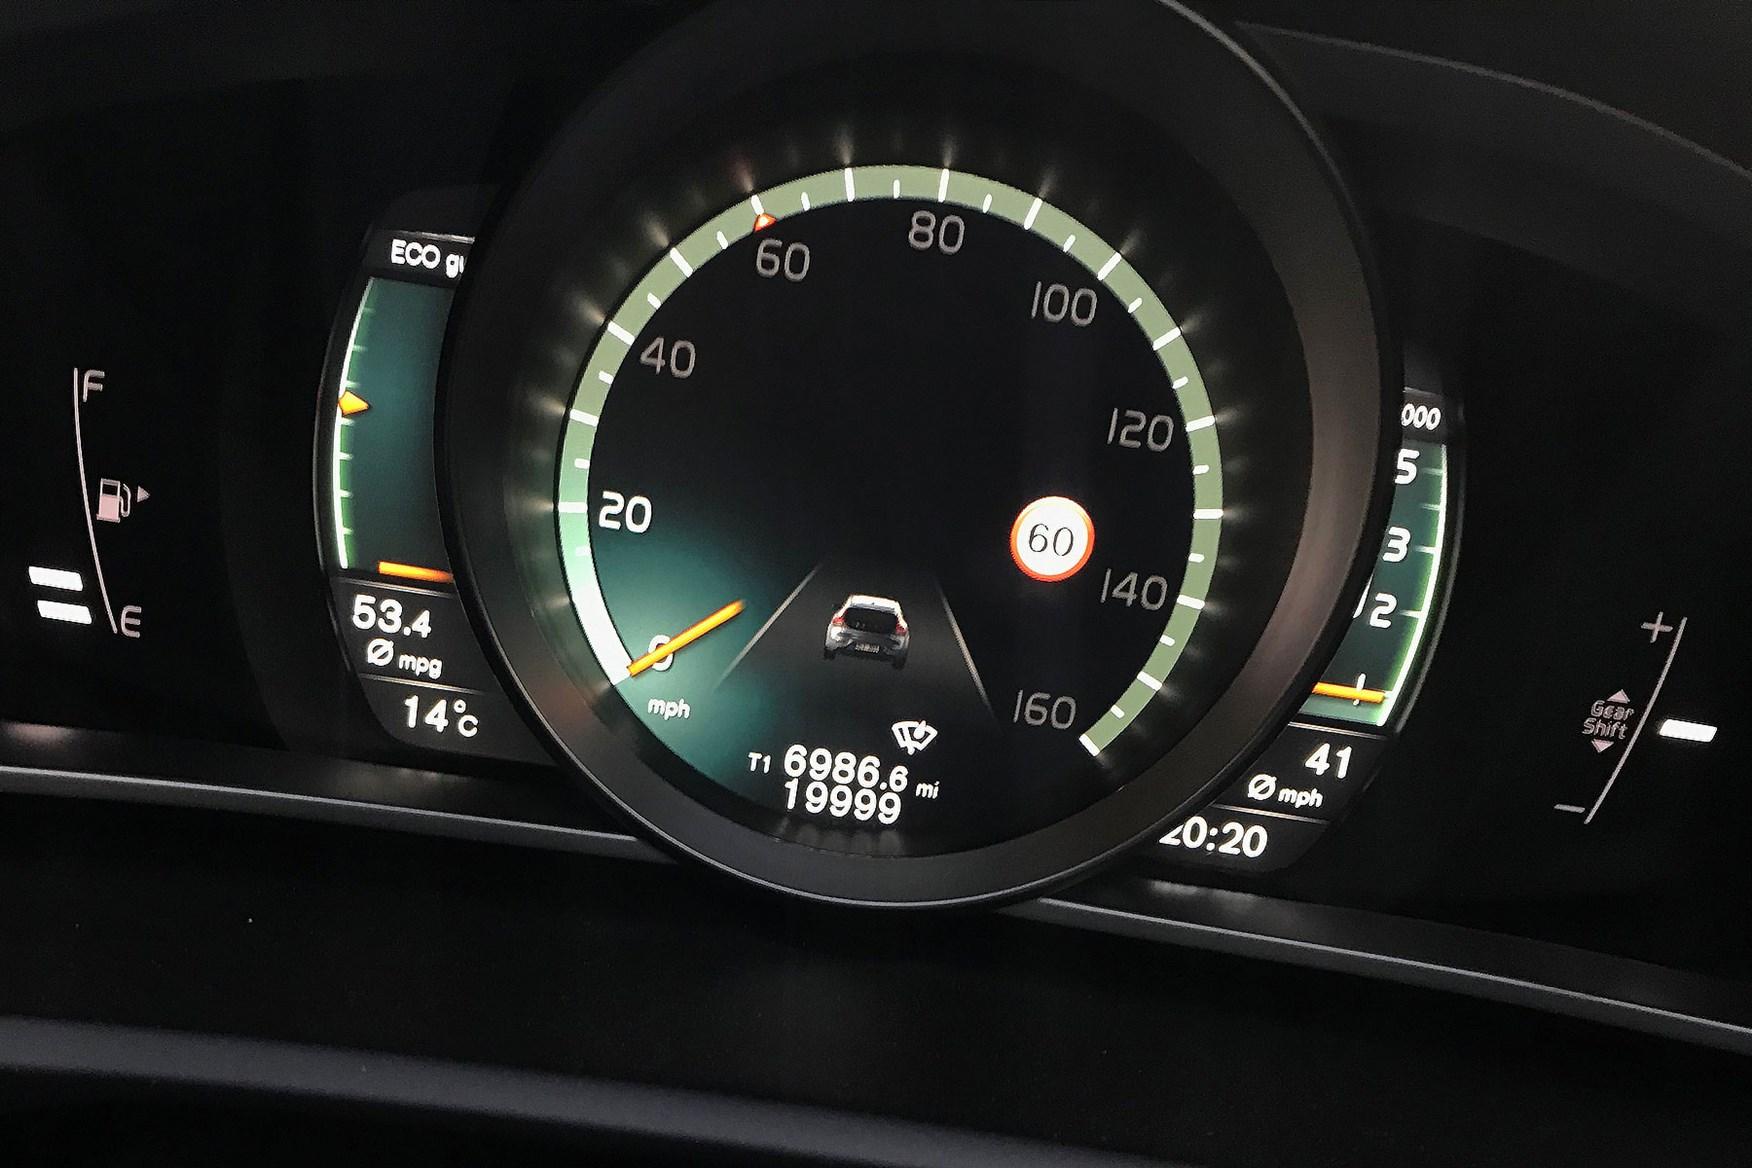 Volvo V40 D4 R Design 19,999 miles